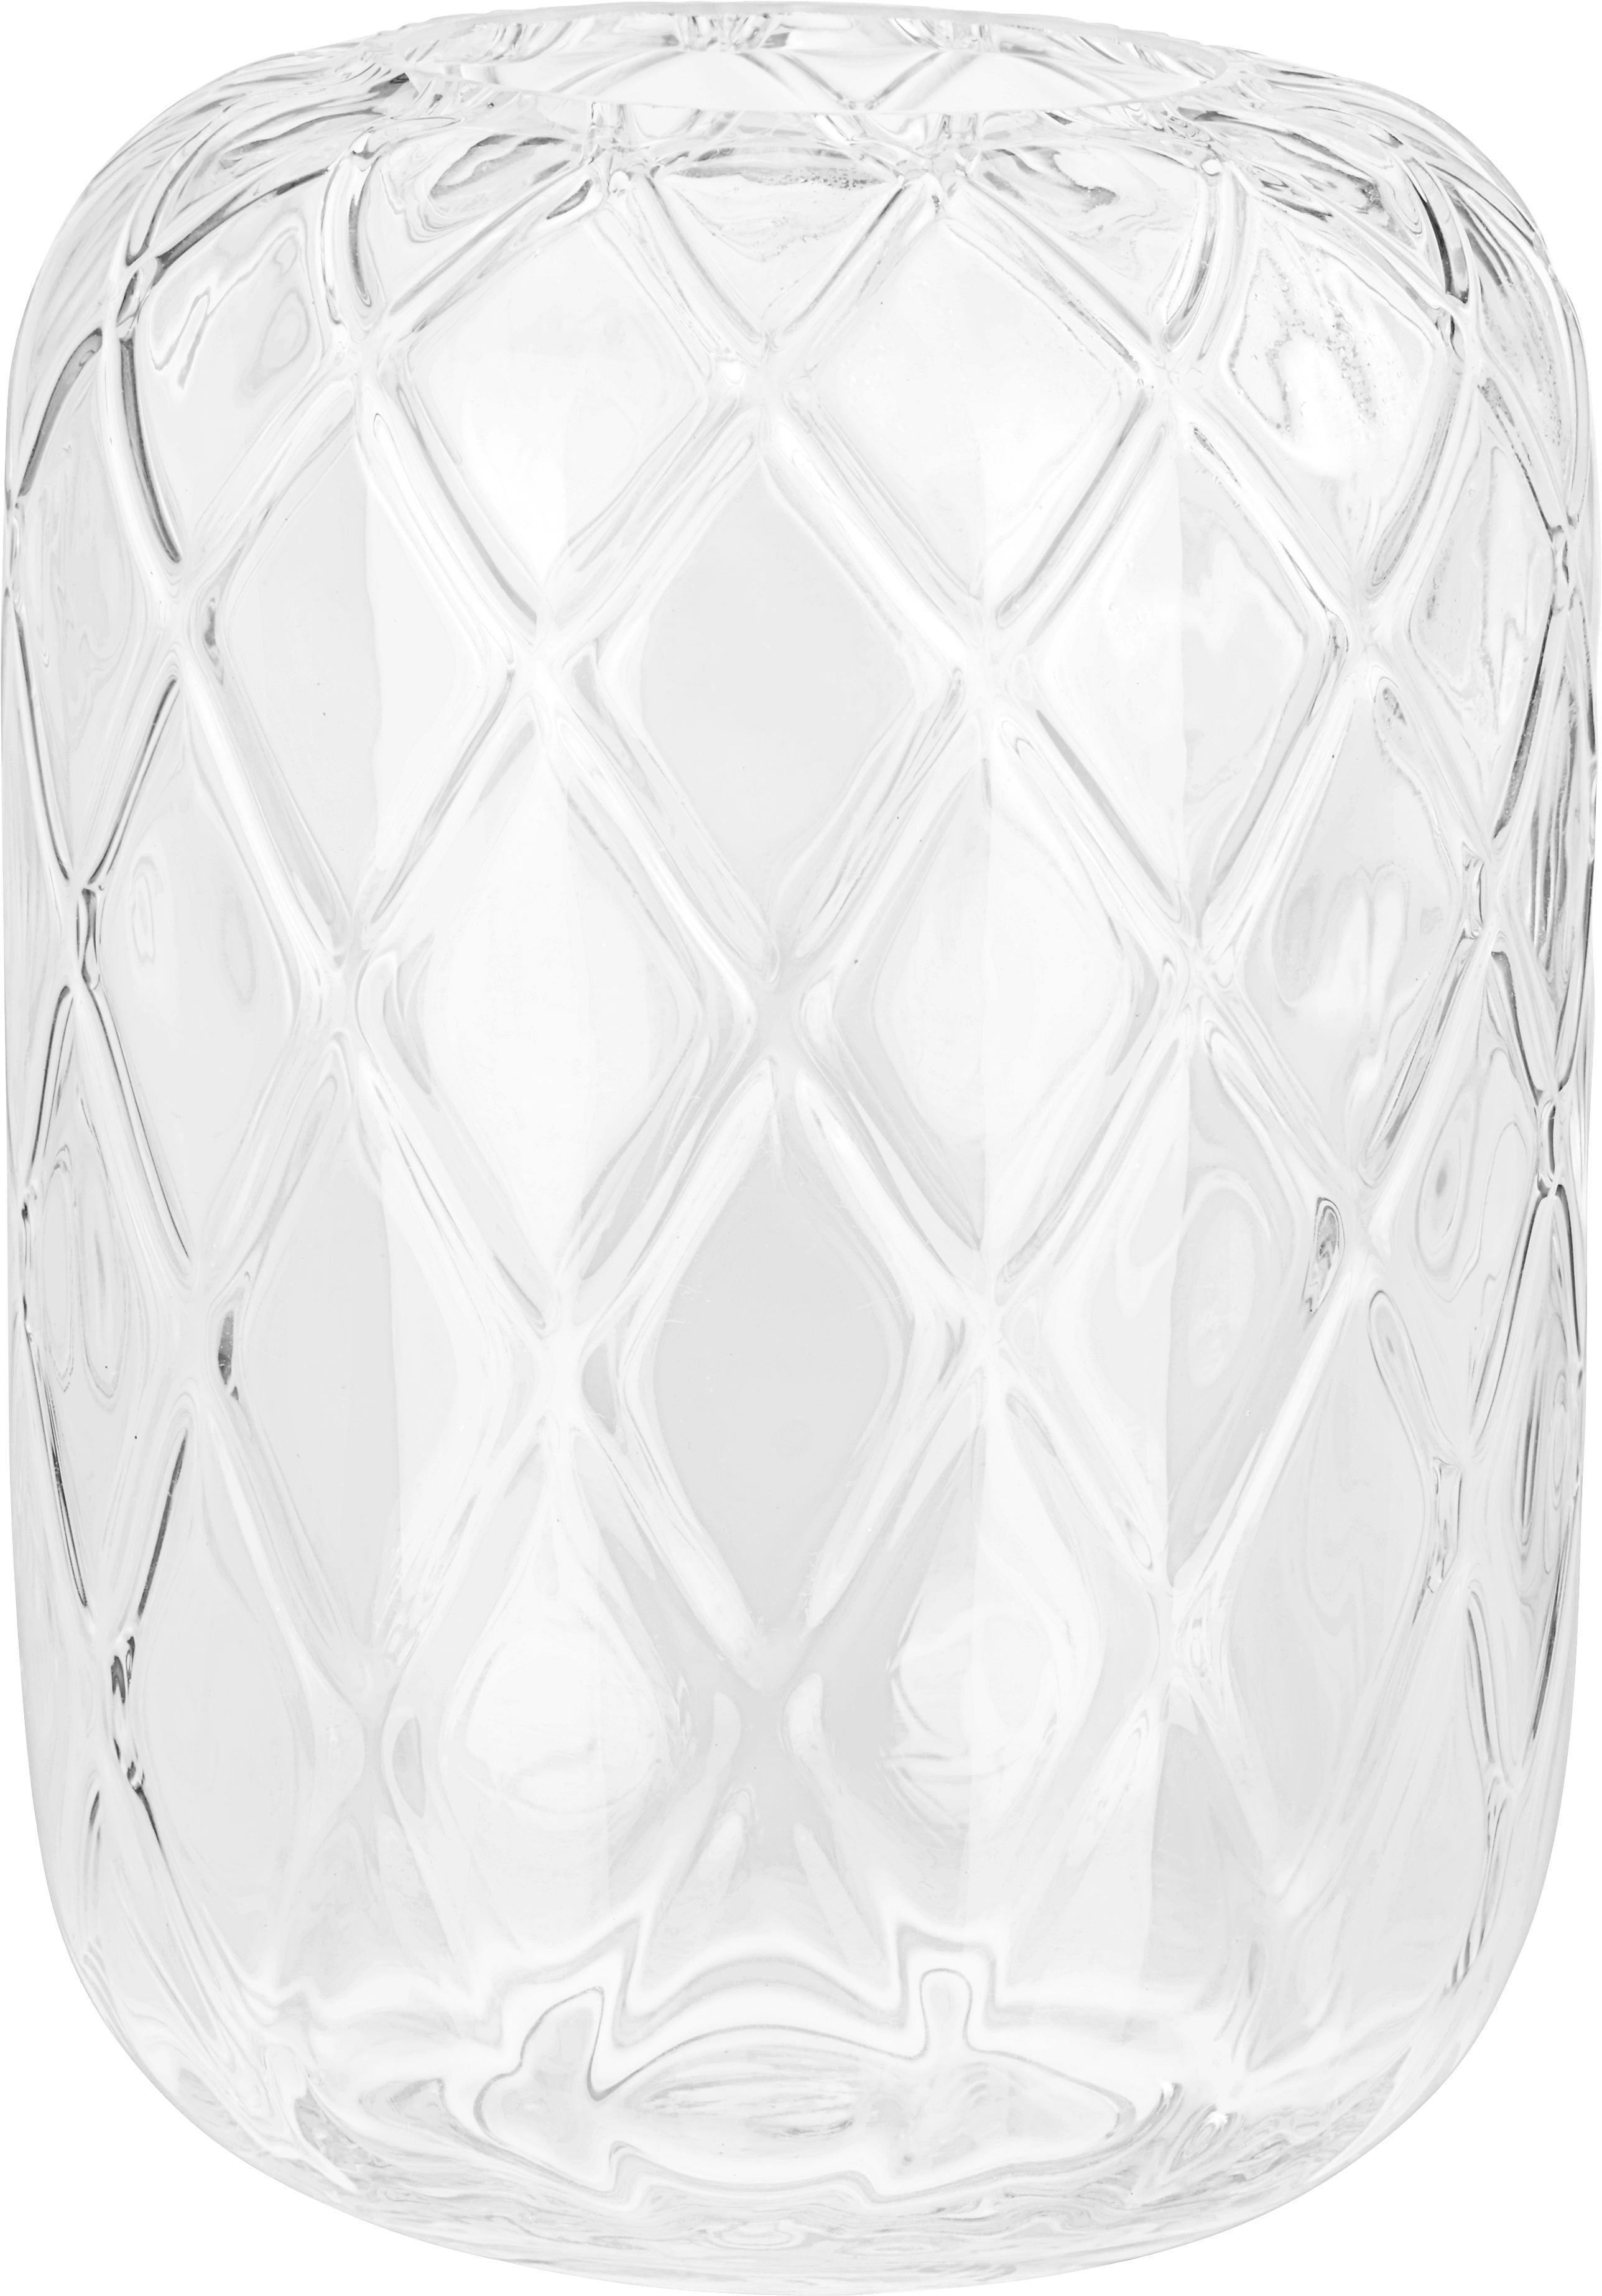 Vase Anett aus Glas - Klar, ROMANTIK / LANDHAUS, Glas (17/24cm) - MÖMAX modern living